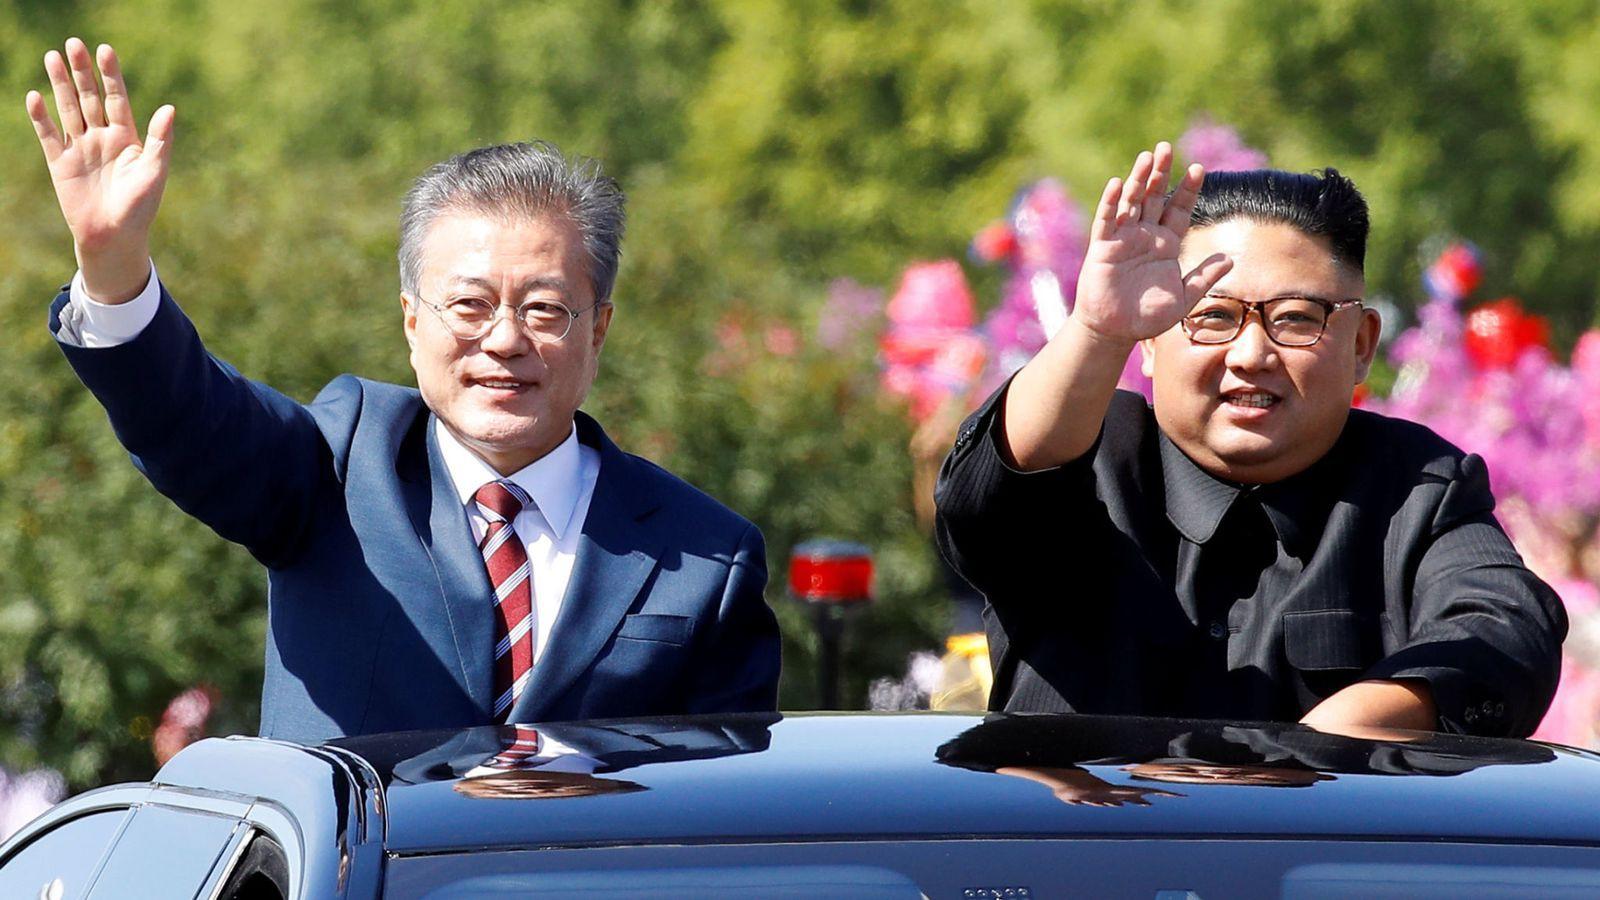 Cố vấn đặc biệt của Tổng thống Hàn Quốc: Ông Kim Jong Un không điên rồ, bốc đồng - Ảnh 5.